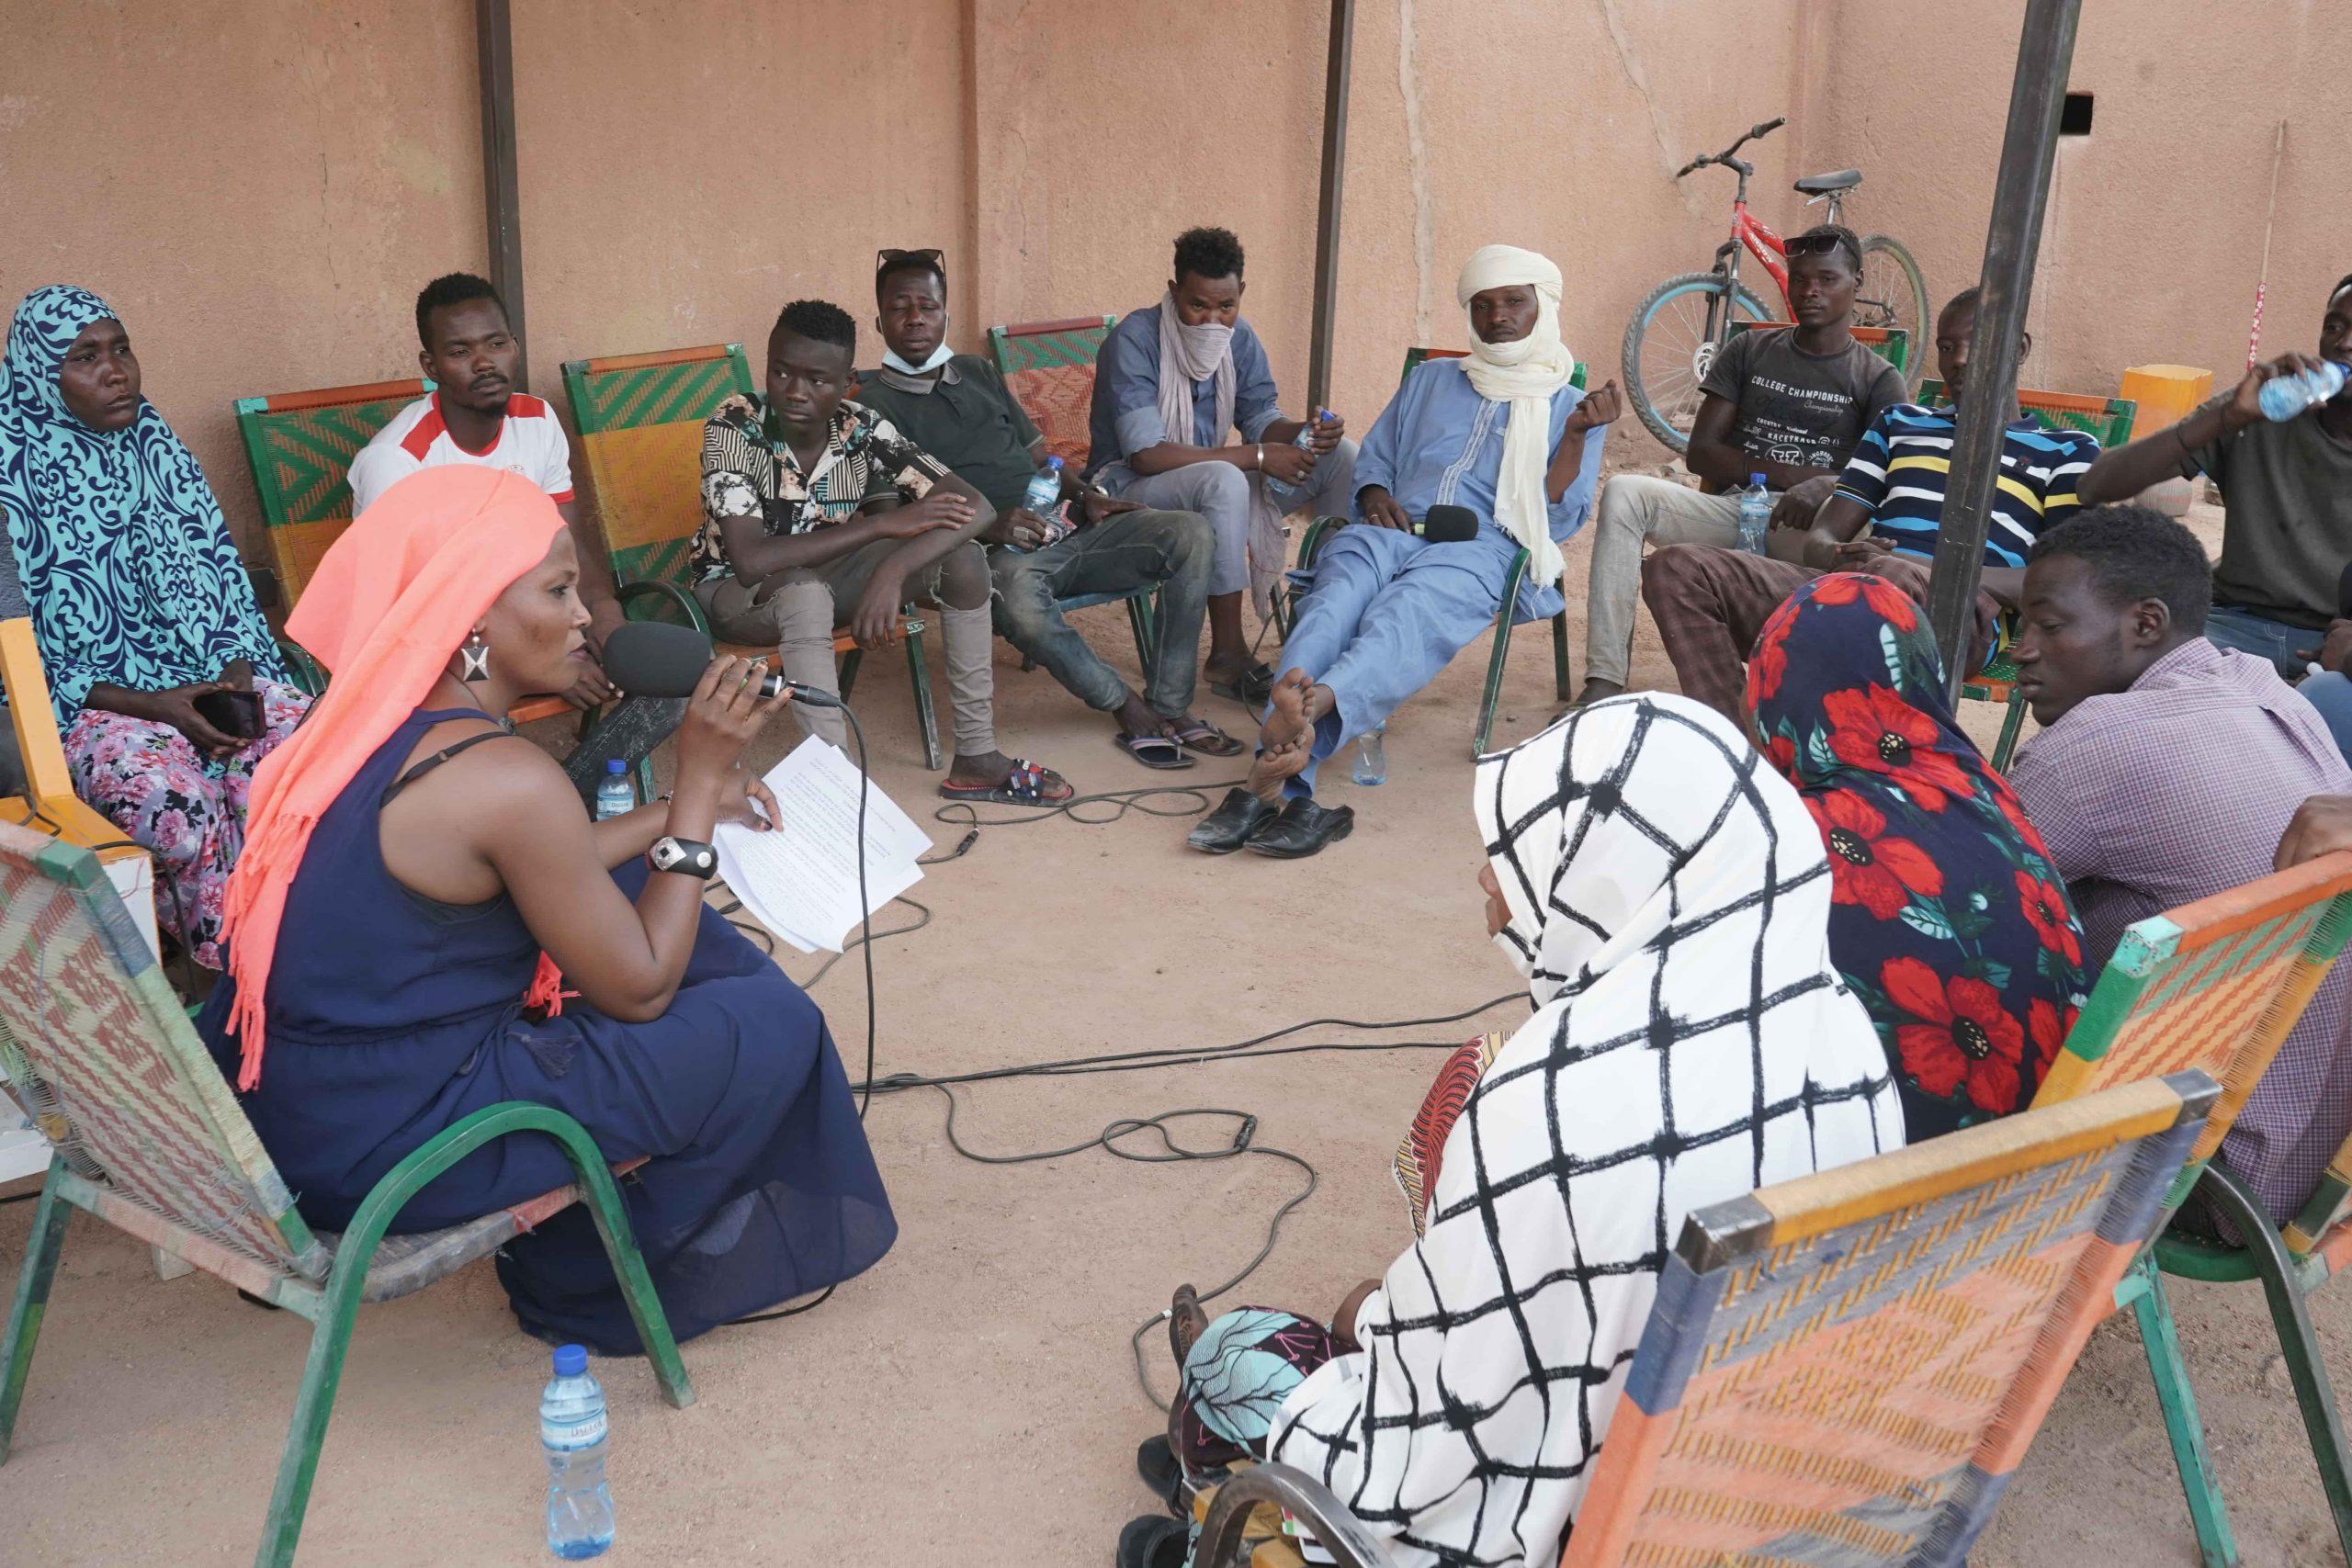 Quelles sont les spécificités et les opportunités de l'entrepreneuriat des jeunes d'Agadez ?